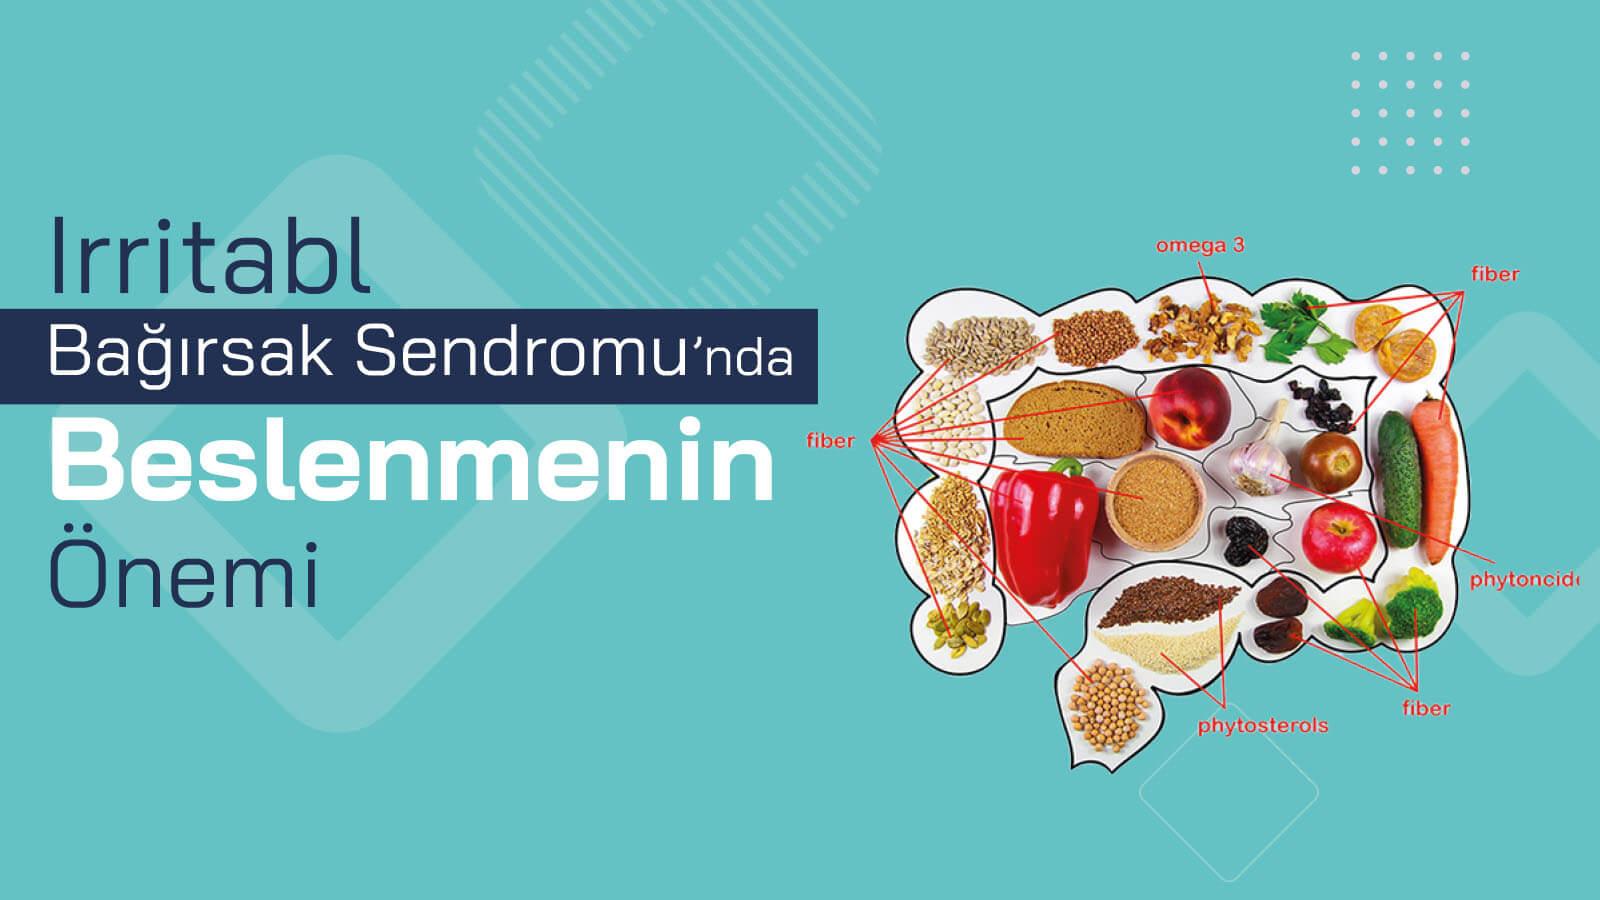 Irritabl Bağırsak Sendromu'nda Beslenmenin Önemi